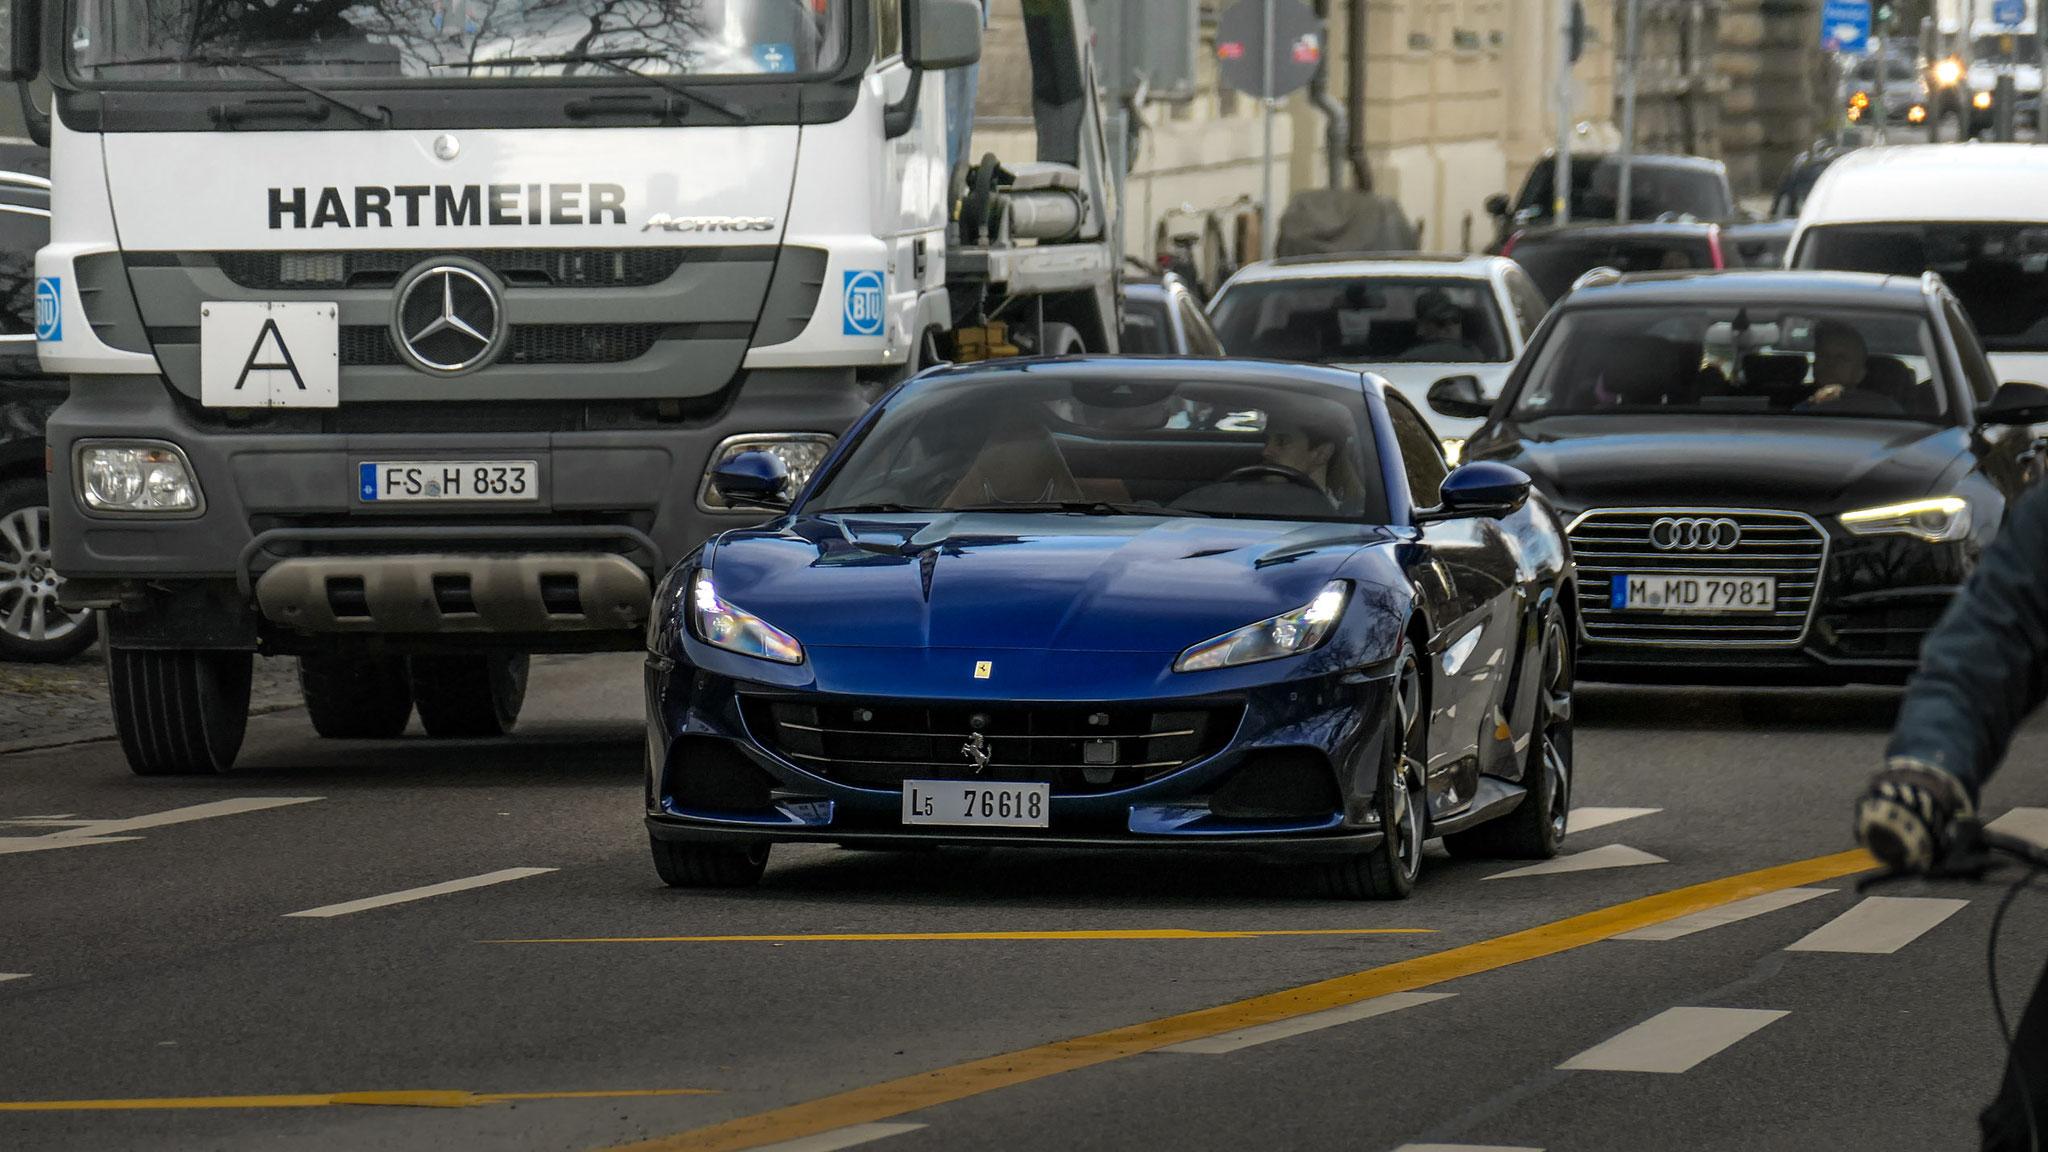 Ferrari Portofino M - L5-76618 (ITA)